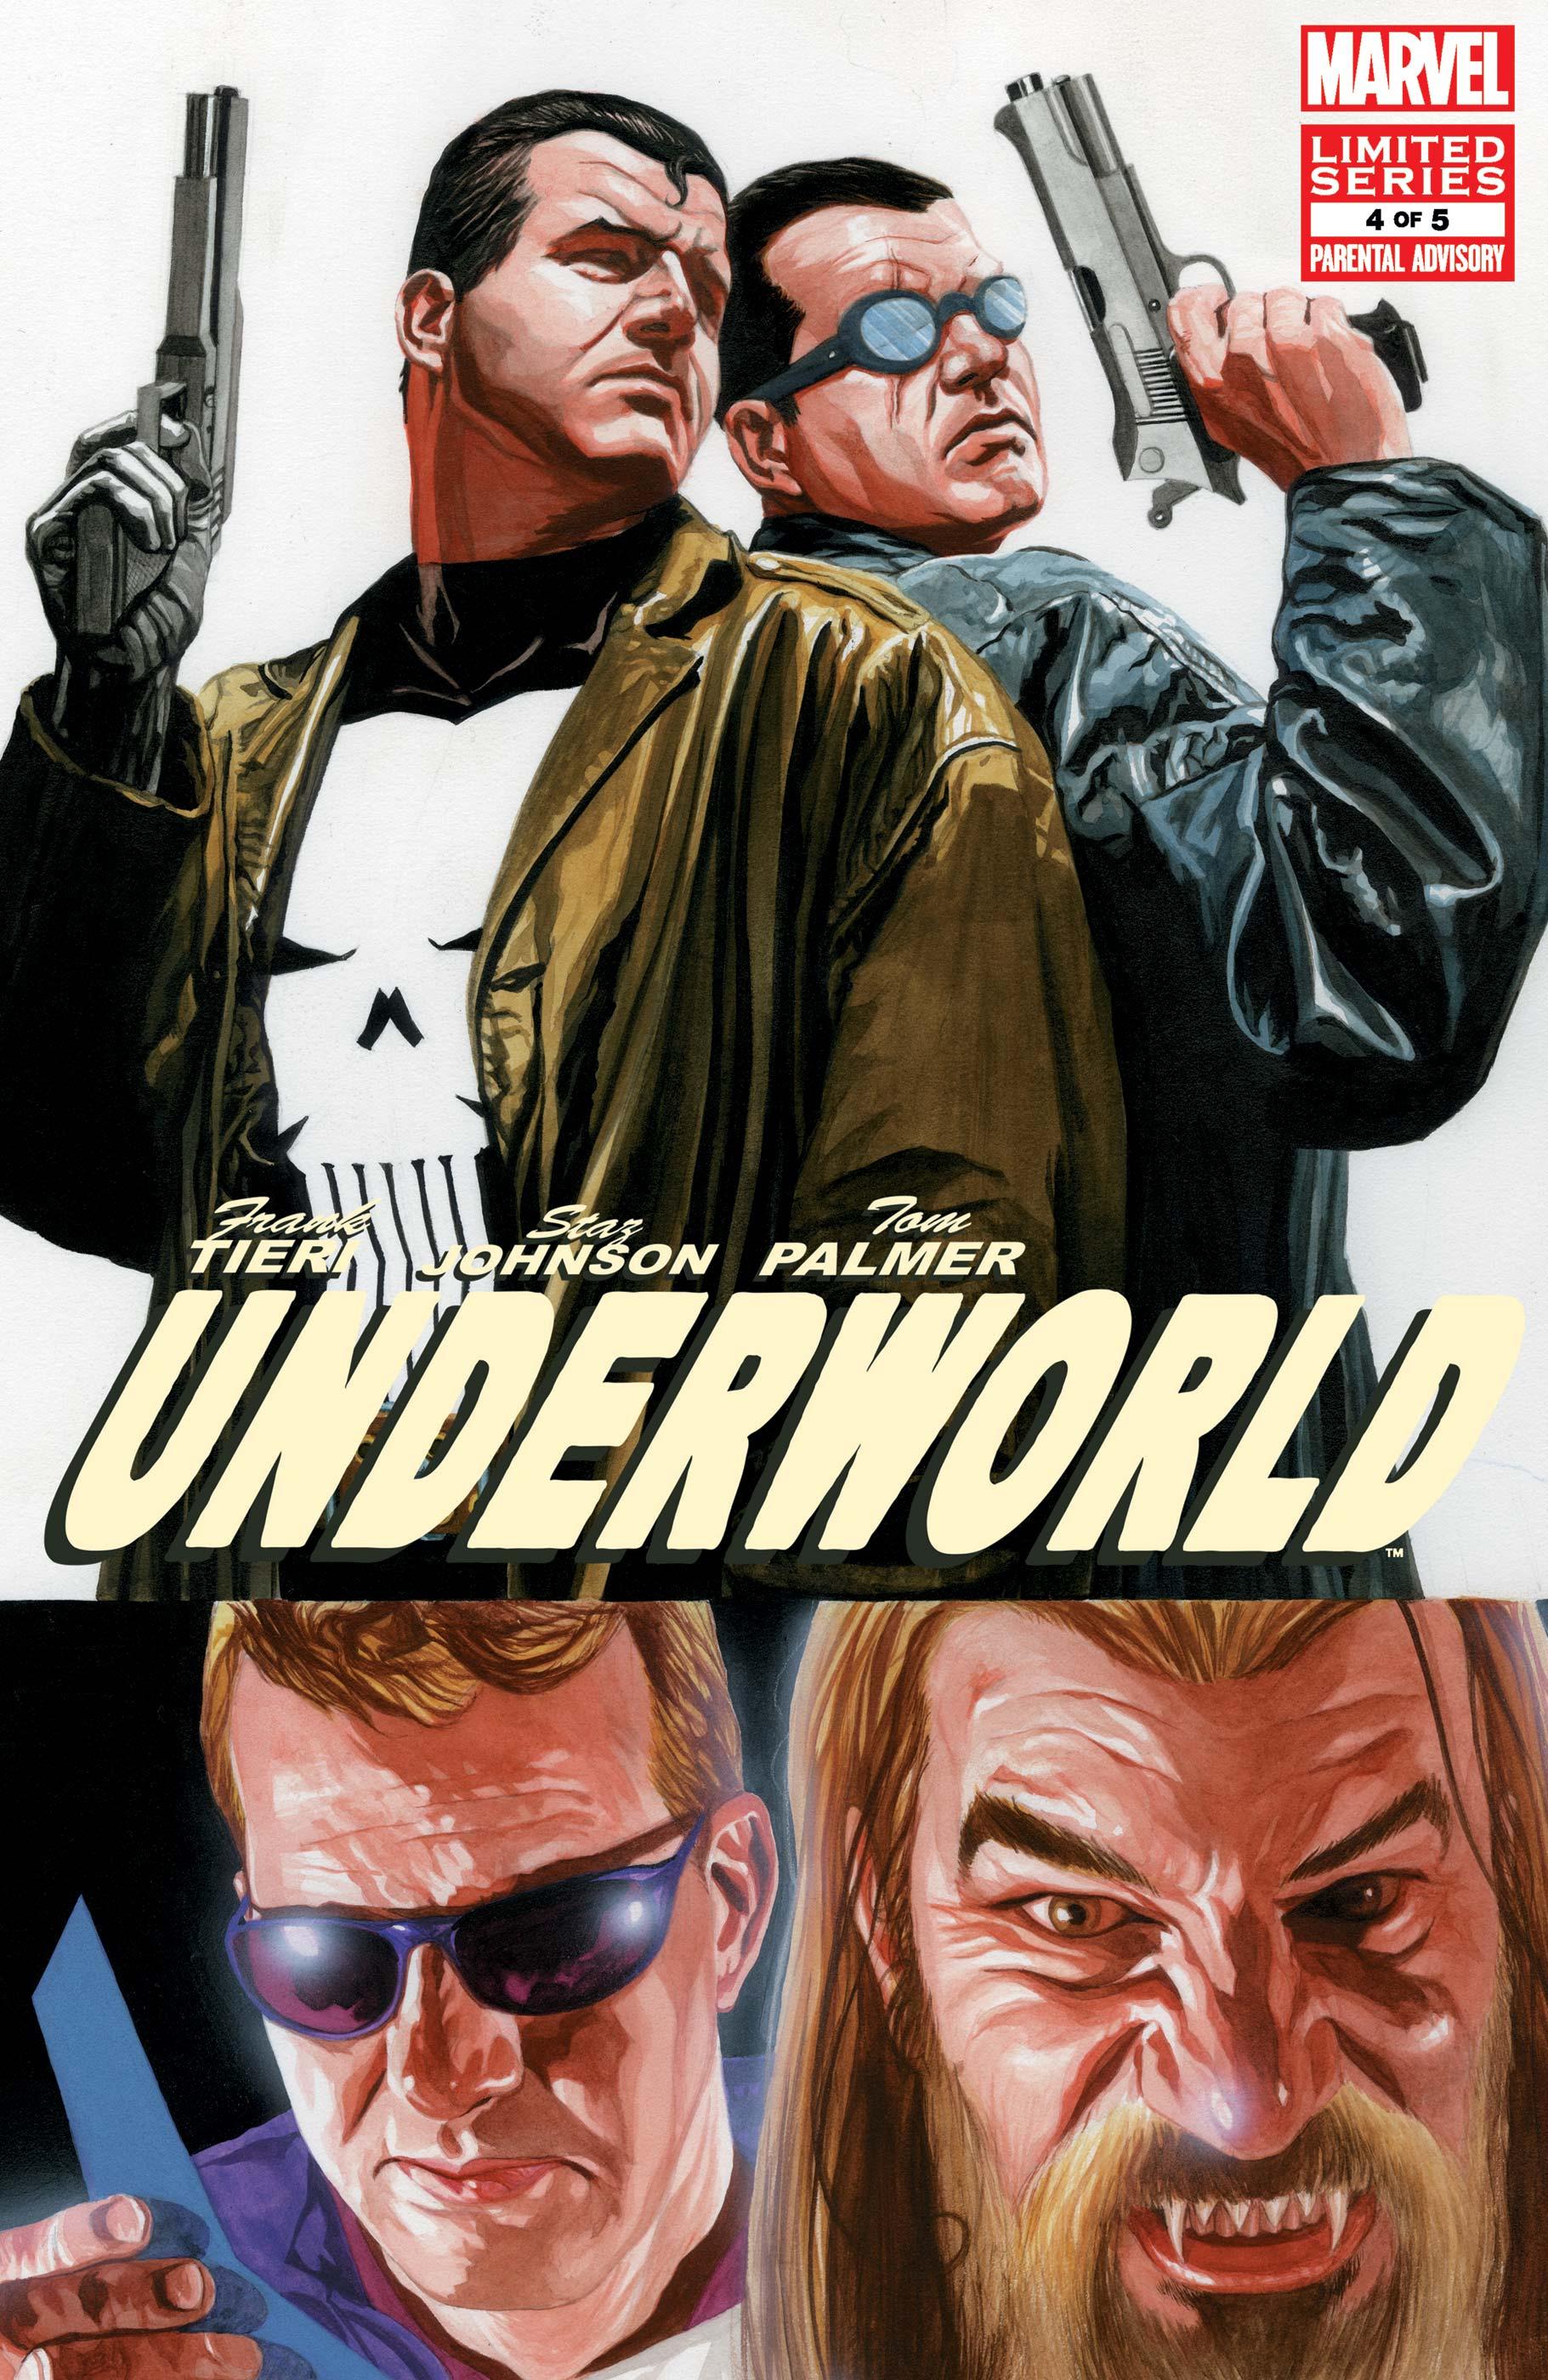 Underworld (2006) #4